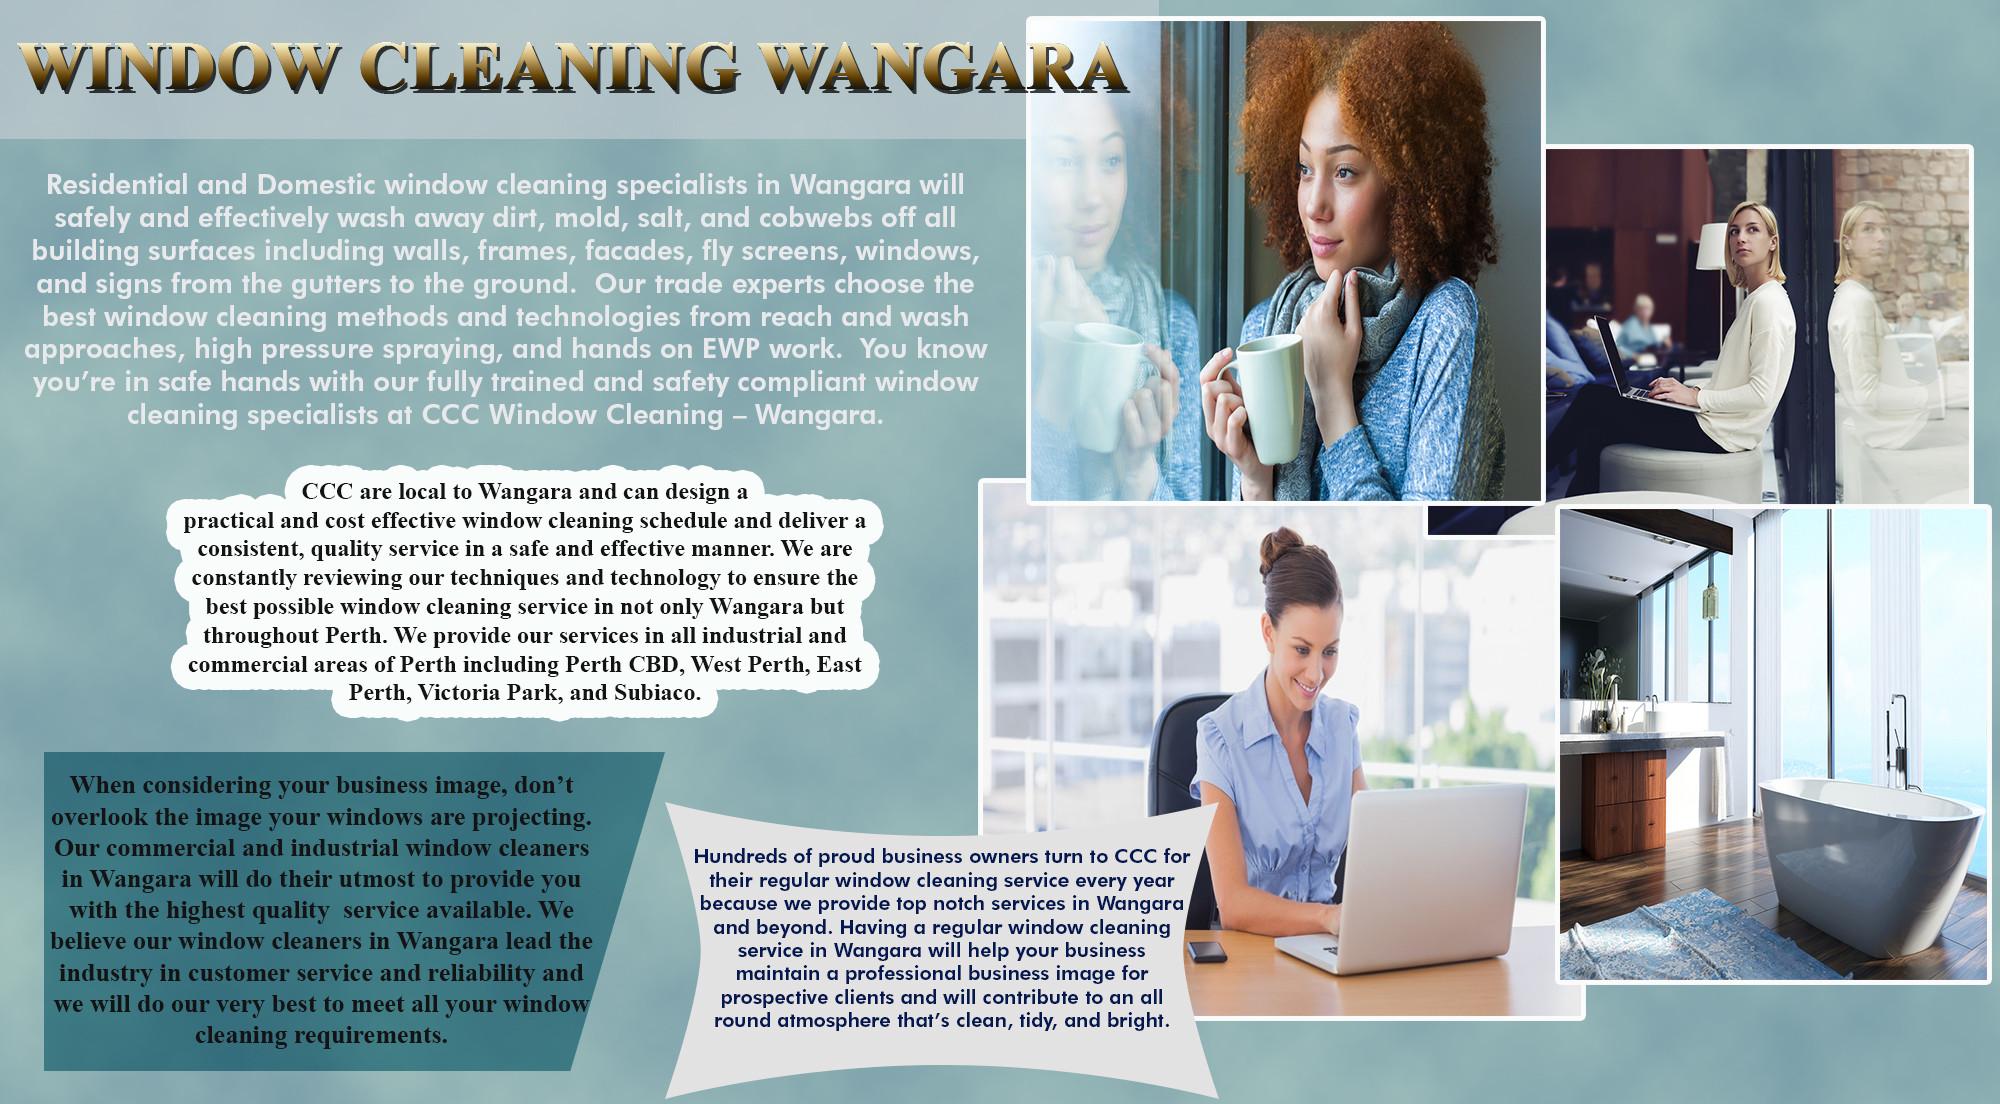 Wangara Infographic